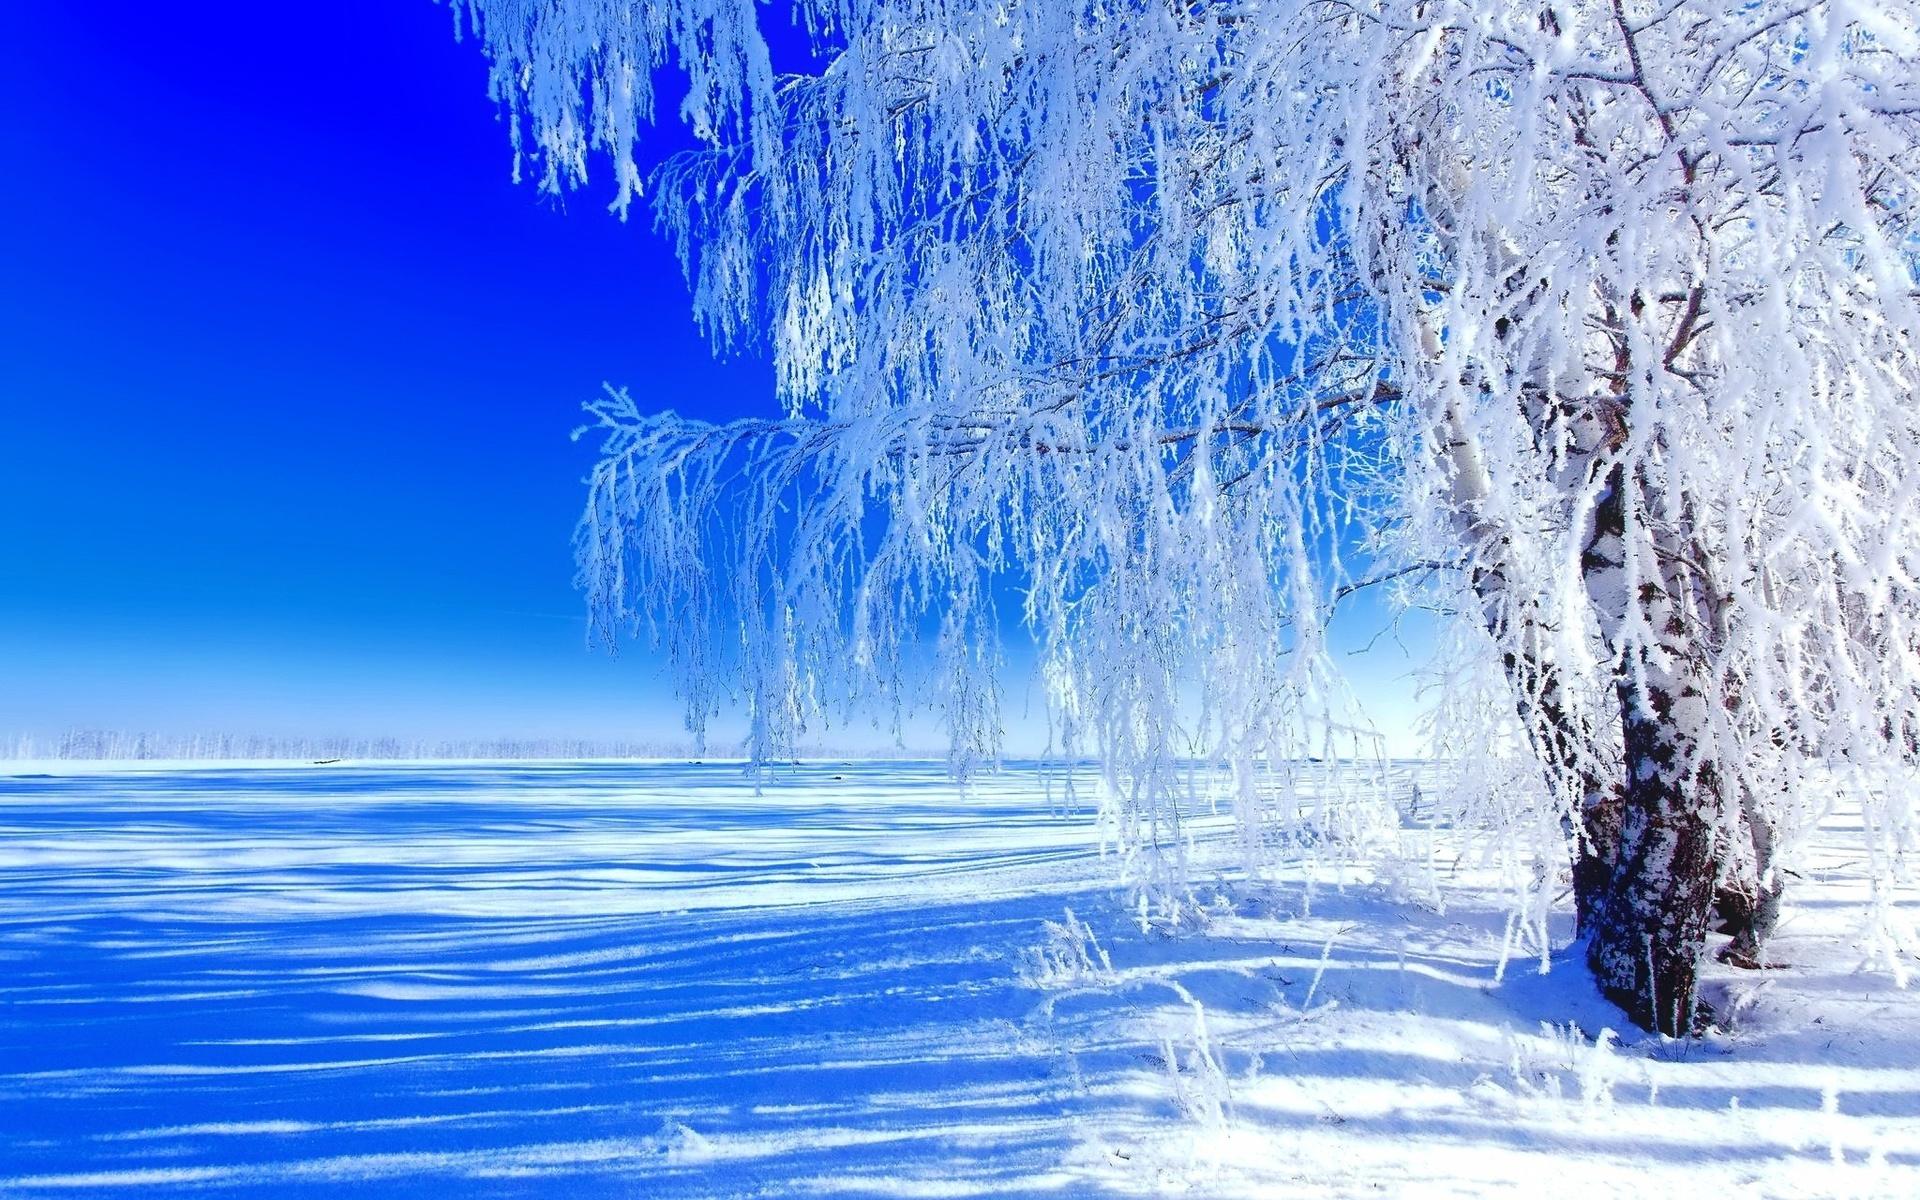 красивая живая картинка зимнего утра них сухая